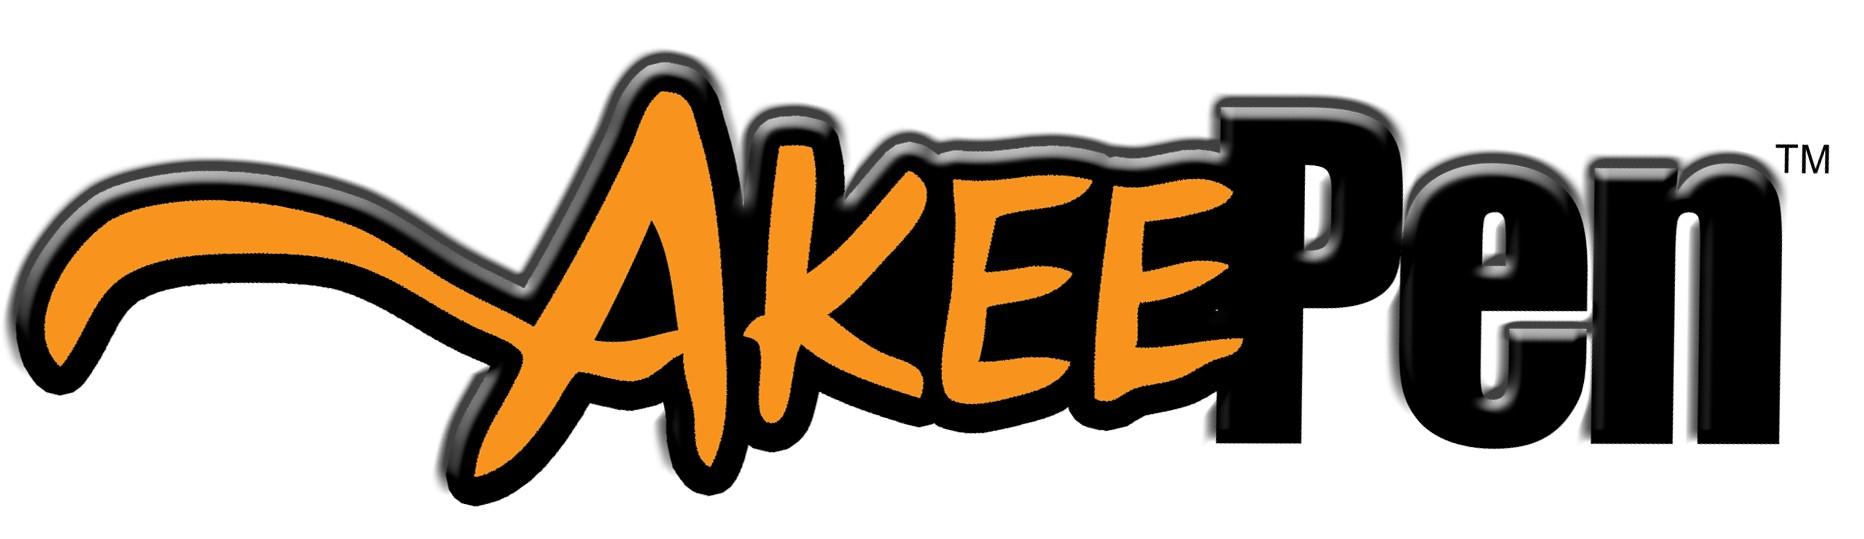 Akeetoons.com